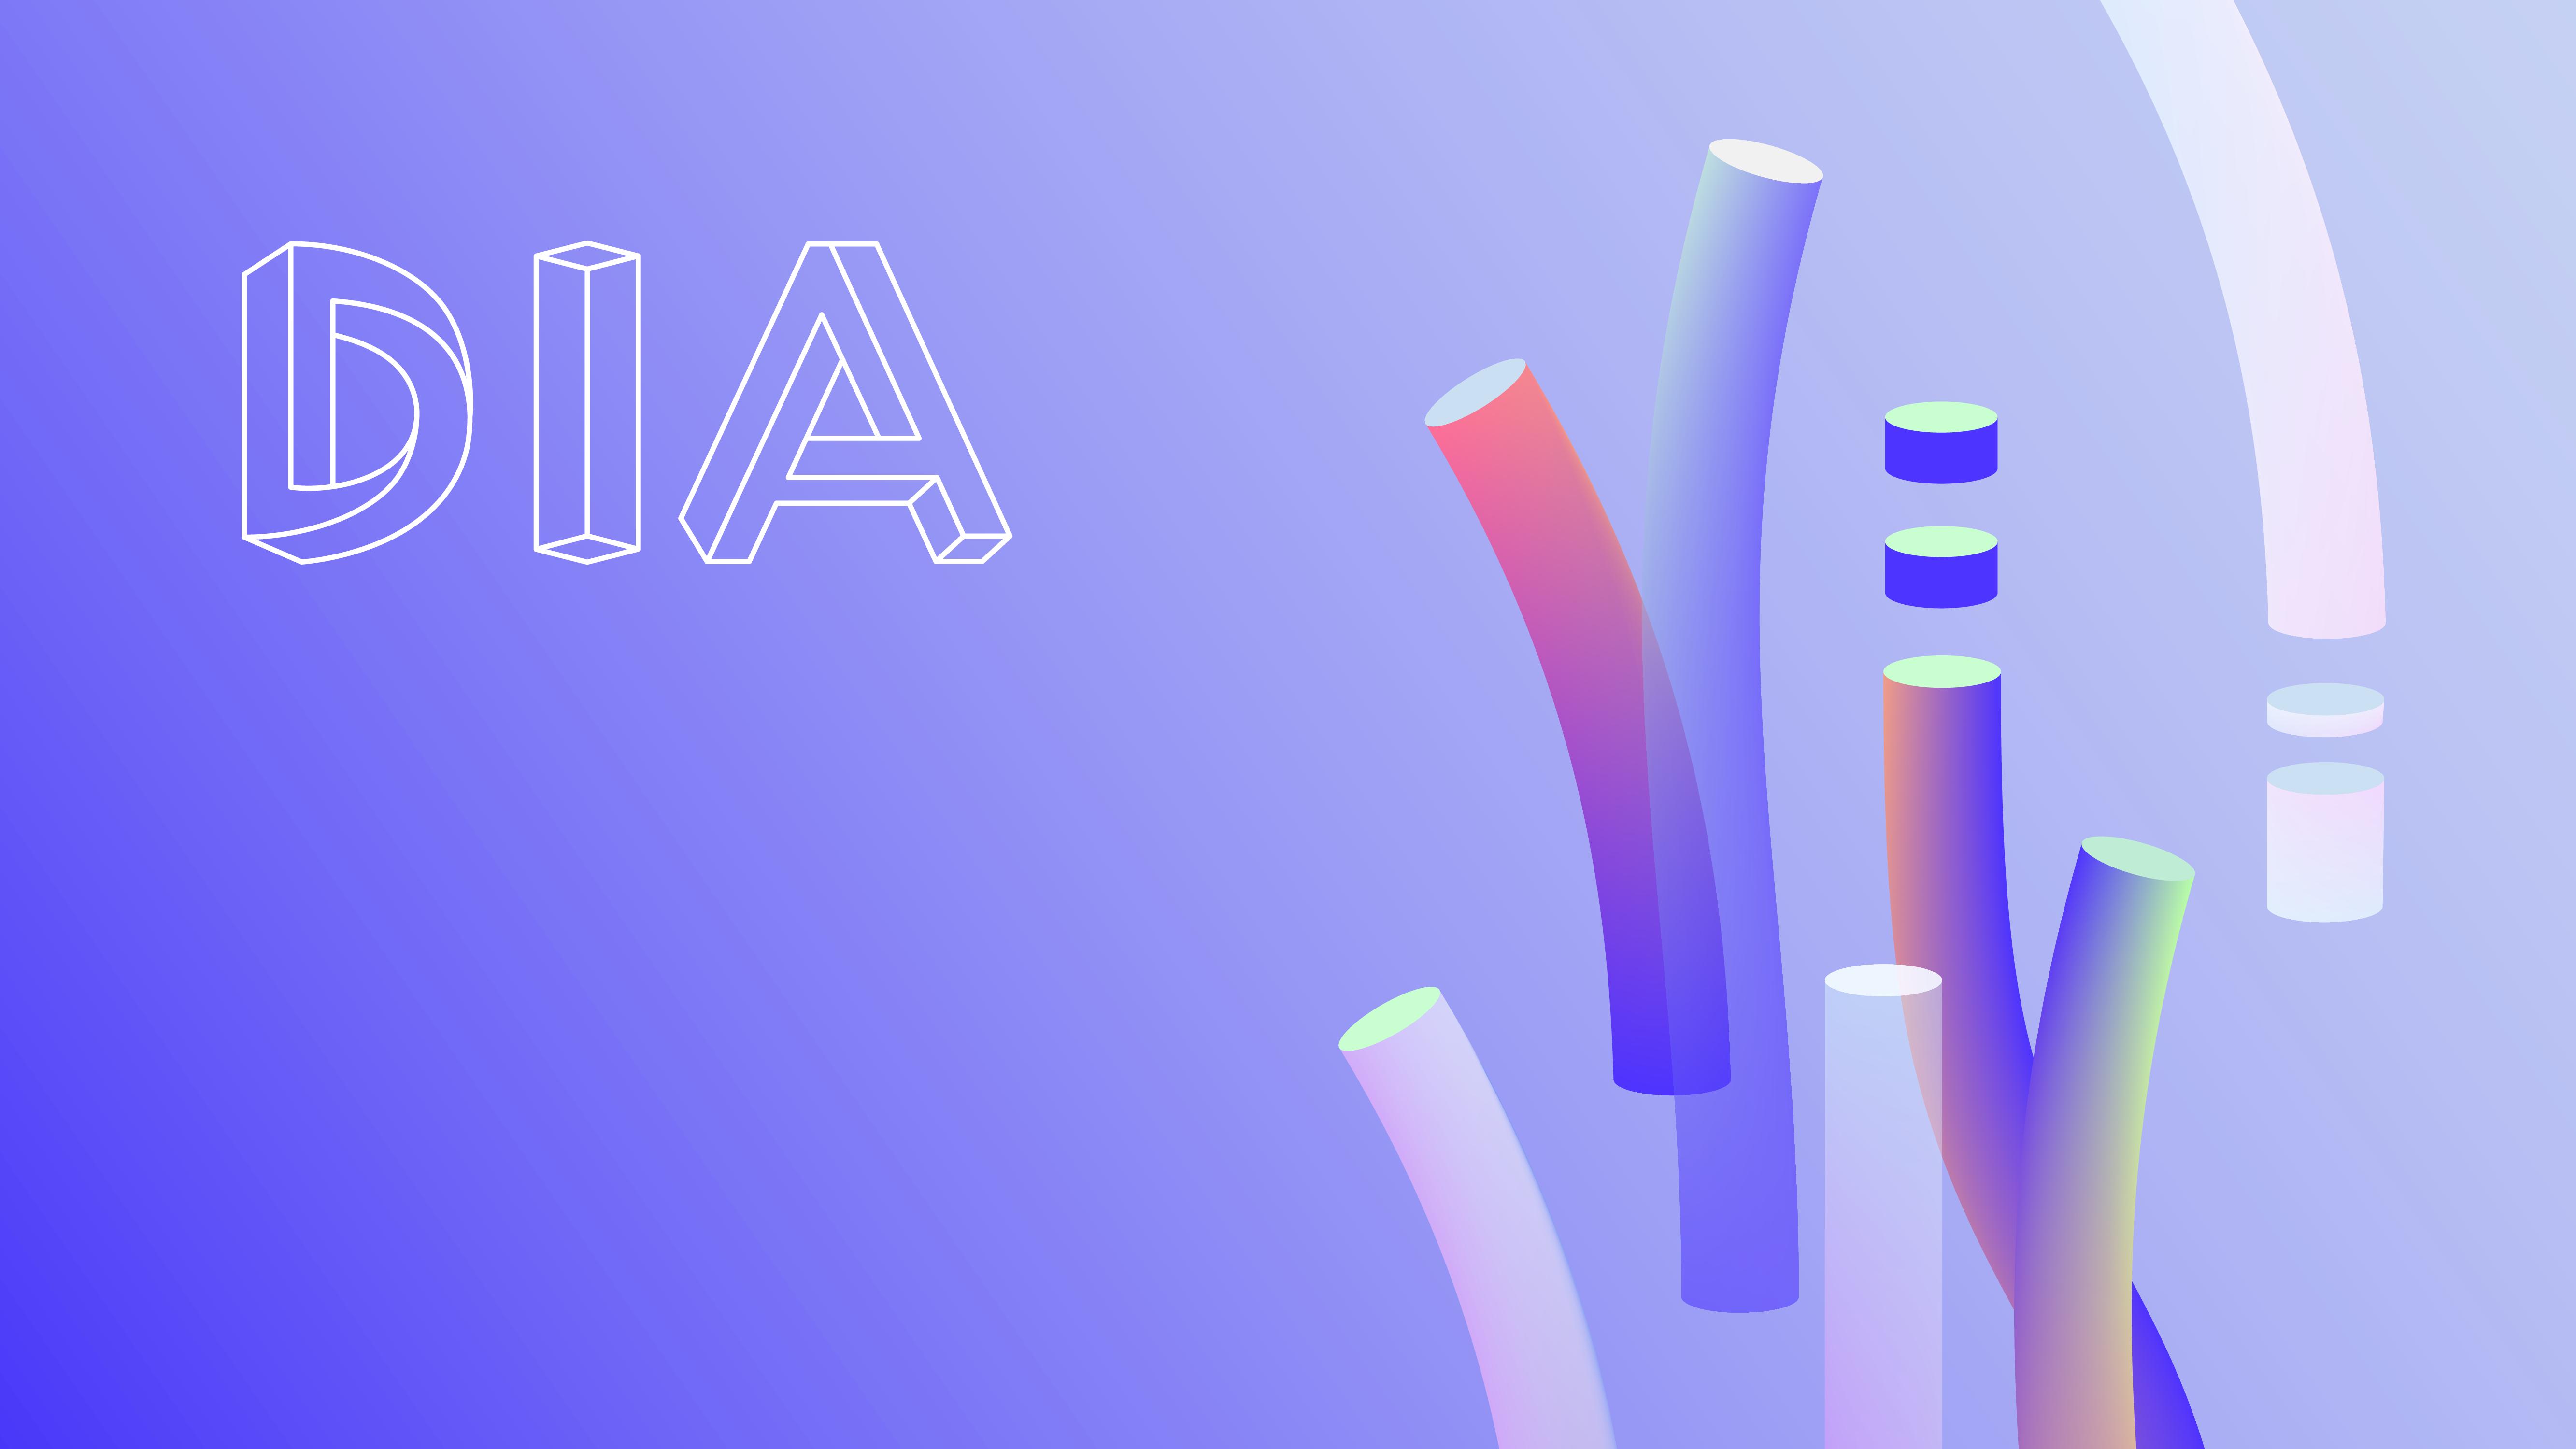 Digitales Branding für eine Crypto-Plattform – DIA